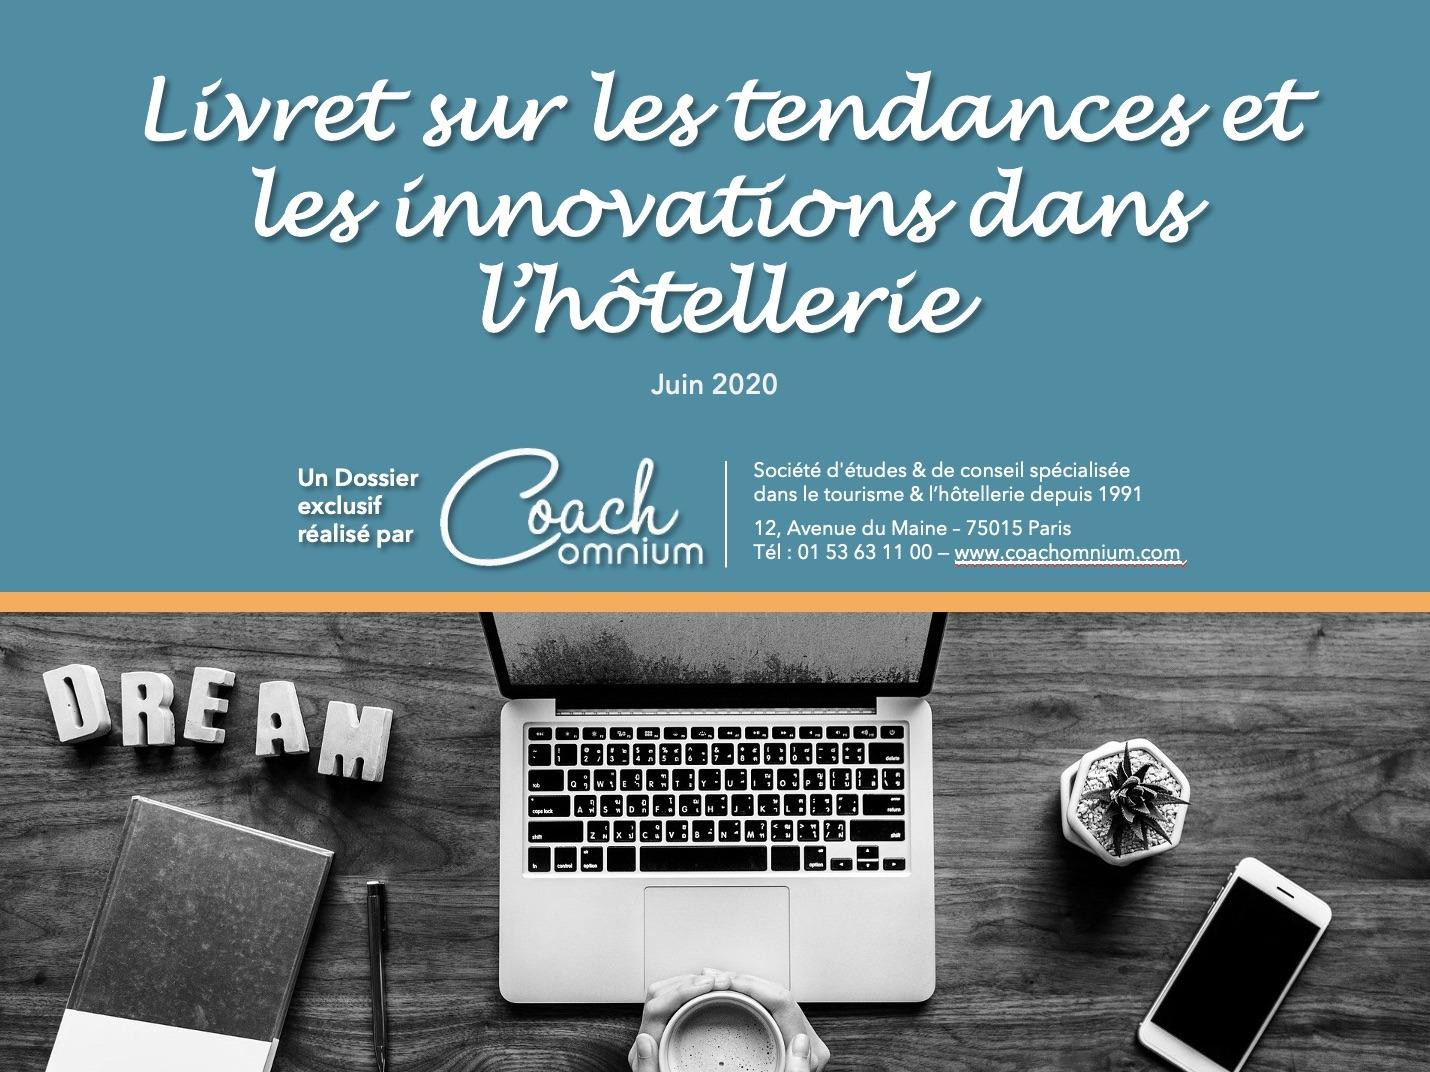 Les tendances et l'innovation dans l'hôtellerie Coach Omnium